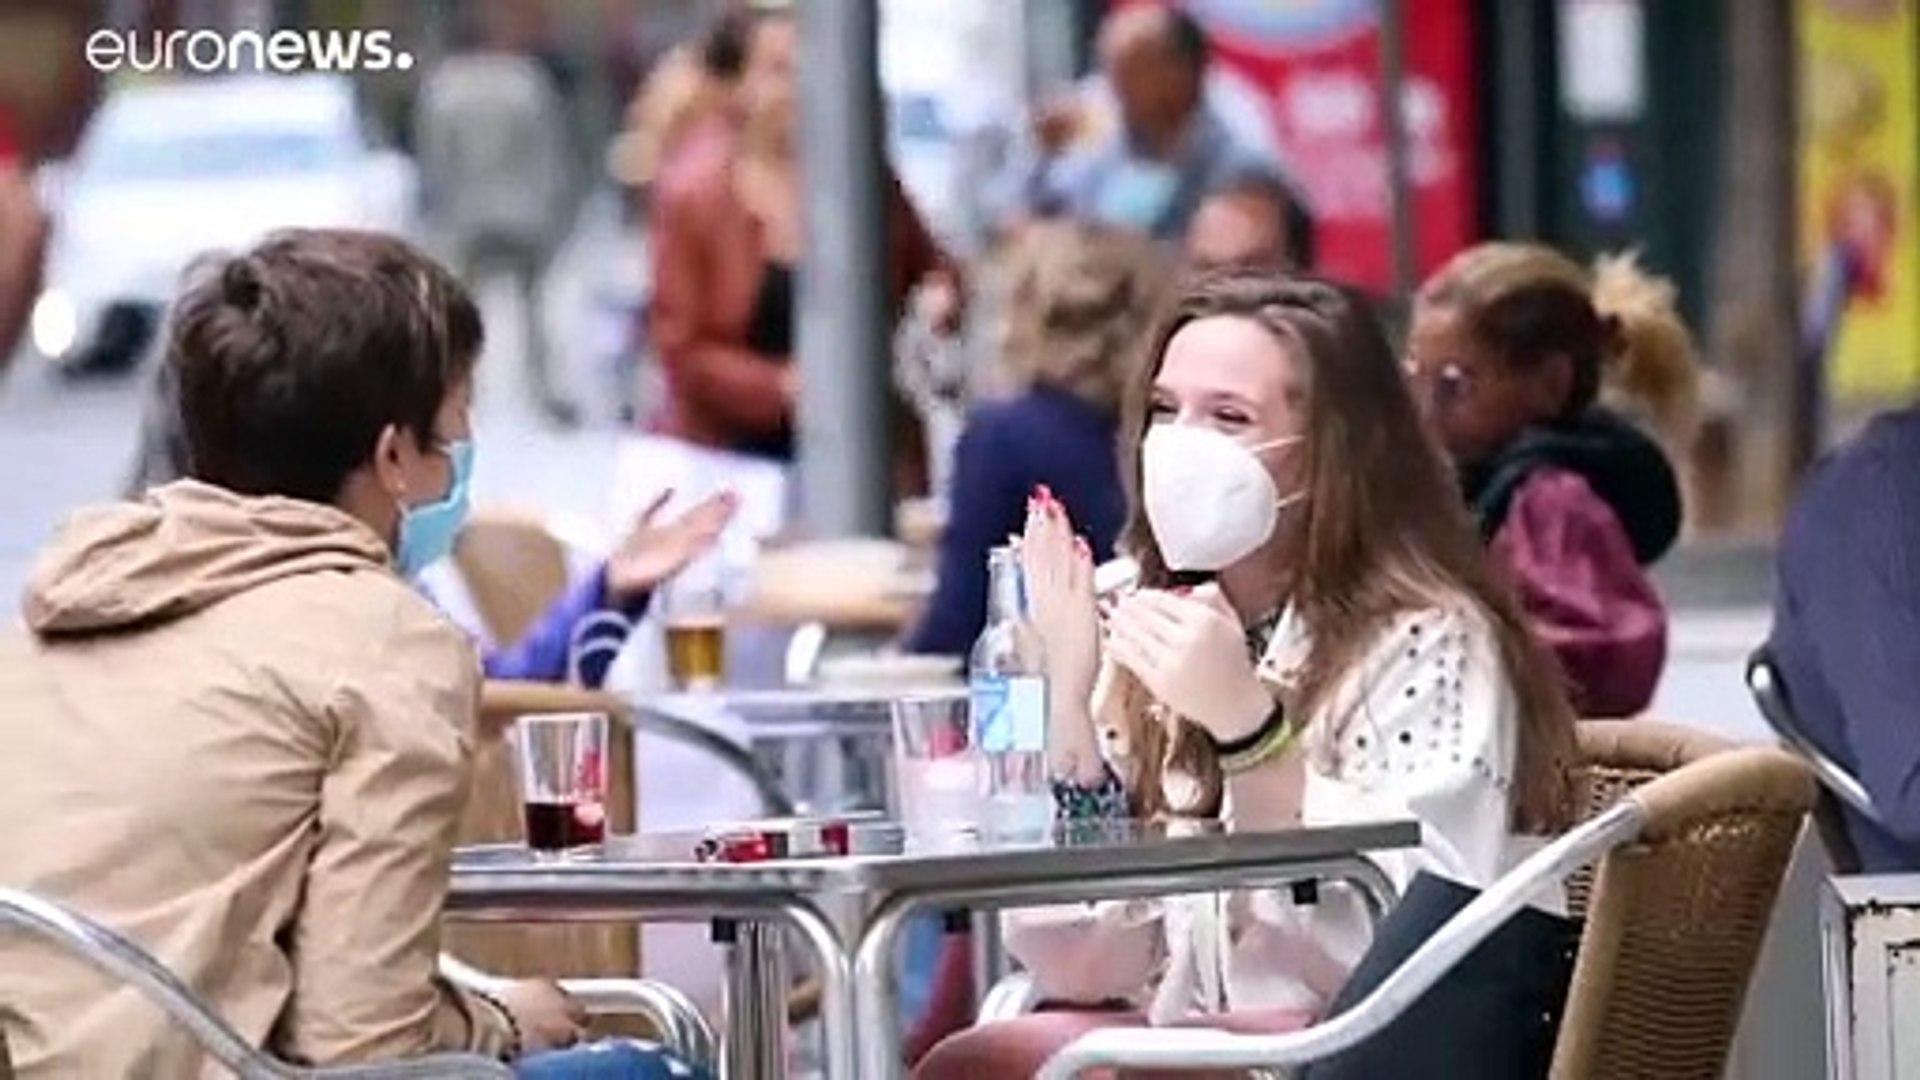 وباء كورونا: آخر المستجدات والأخبار